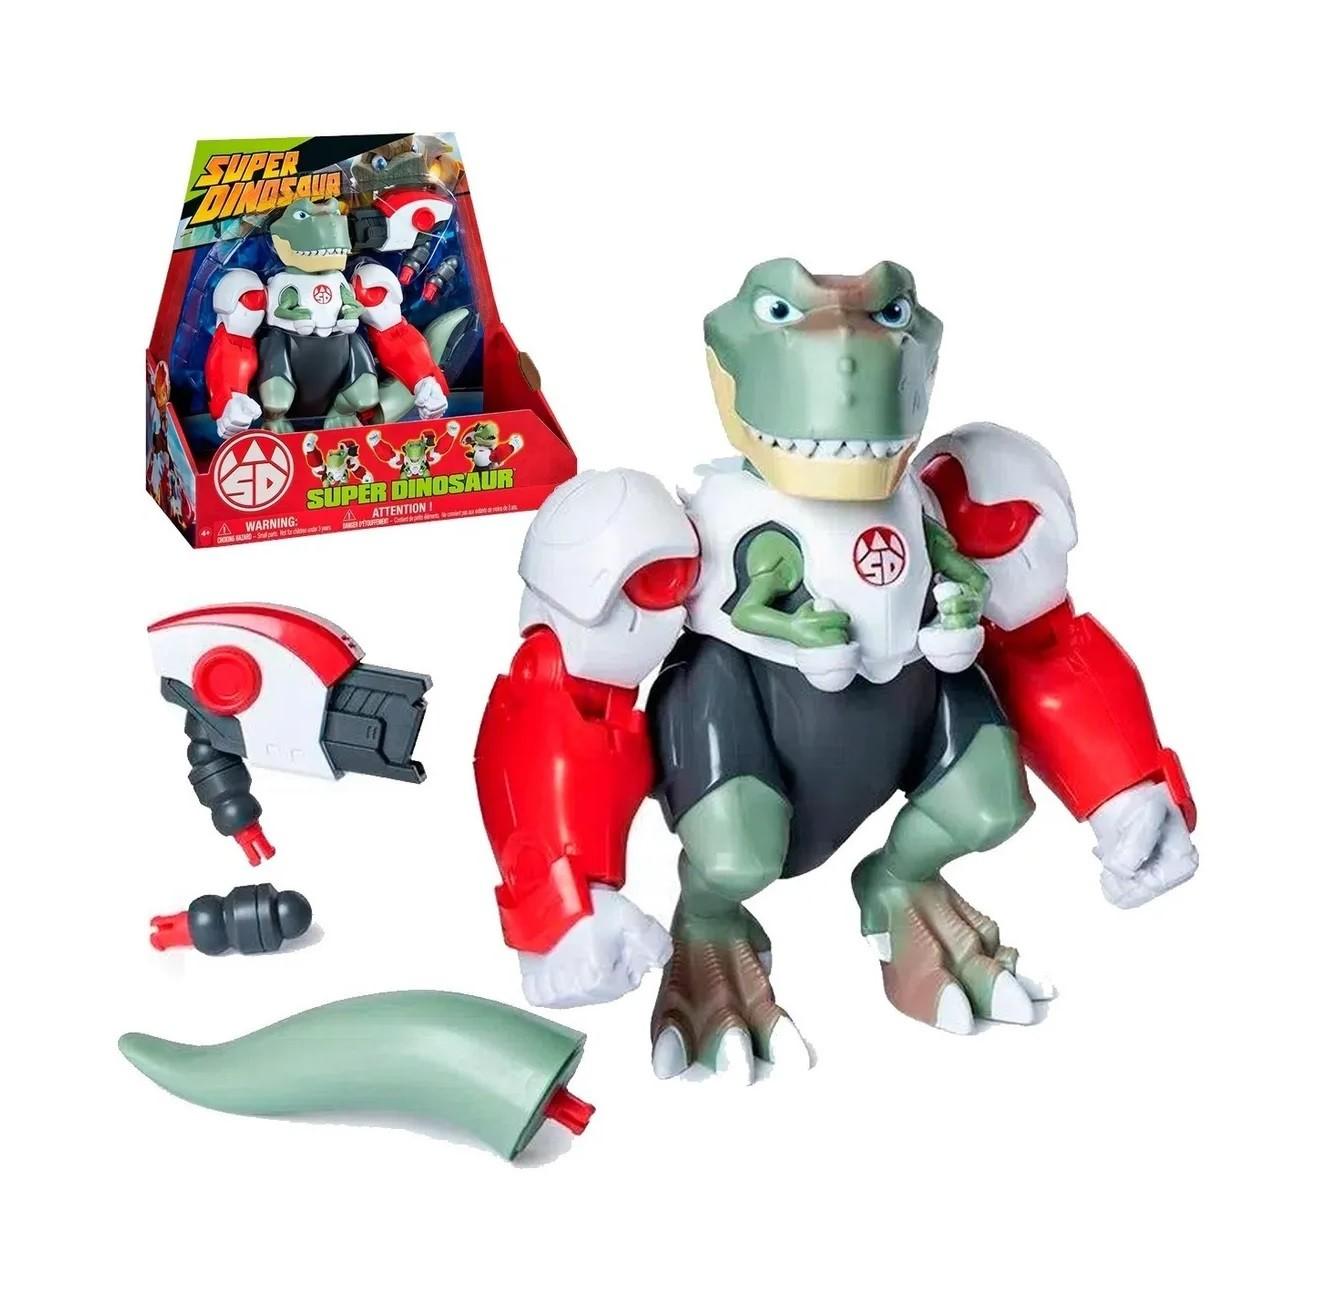 Boneco Super Dinosaur T-Rex 20cm articulado com acessórios Multikids BR1154  - Mix Eletro